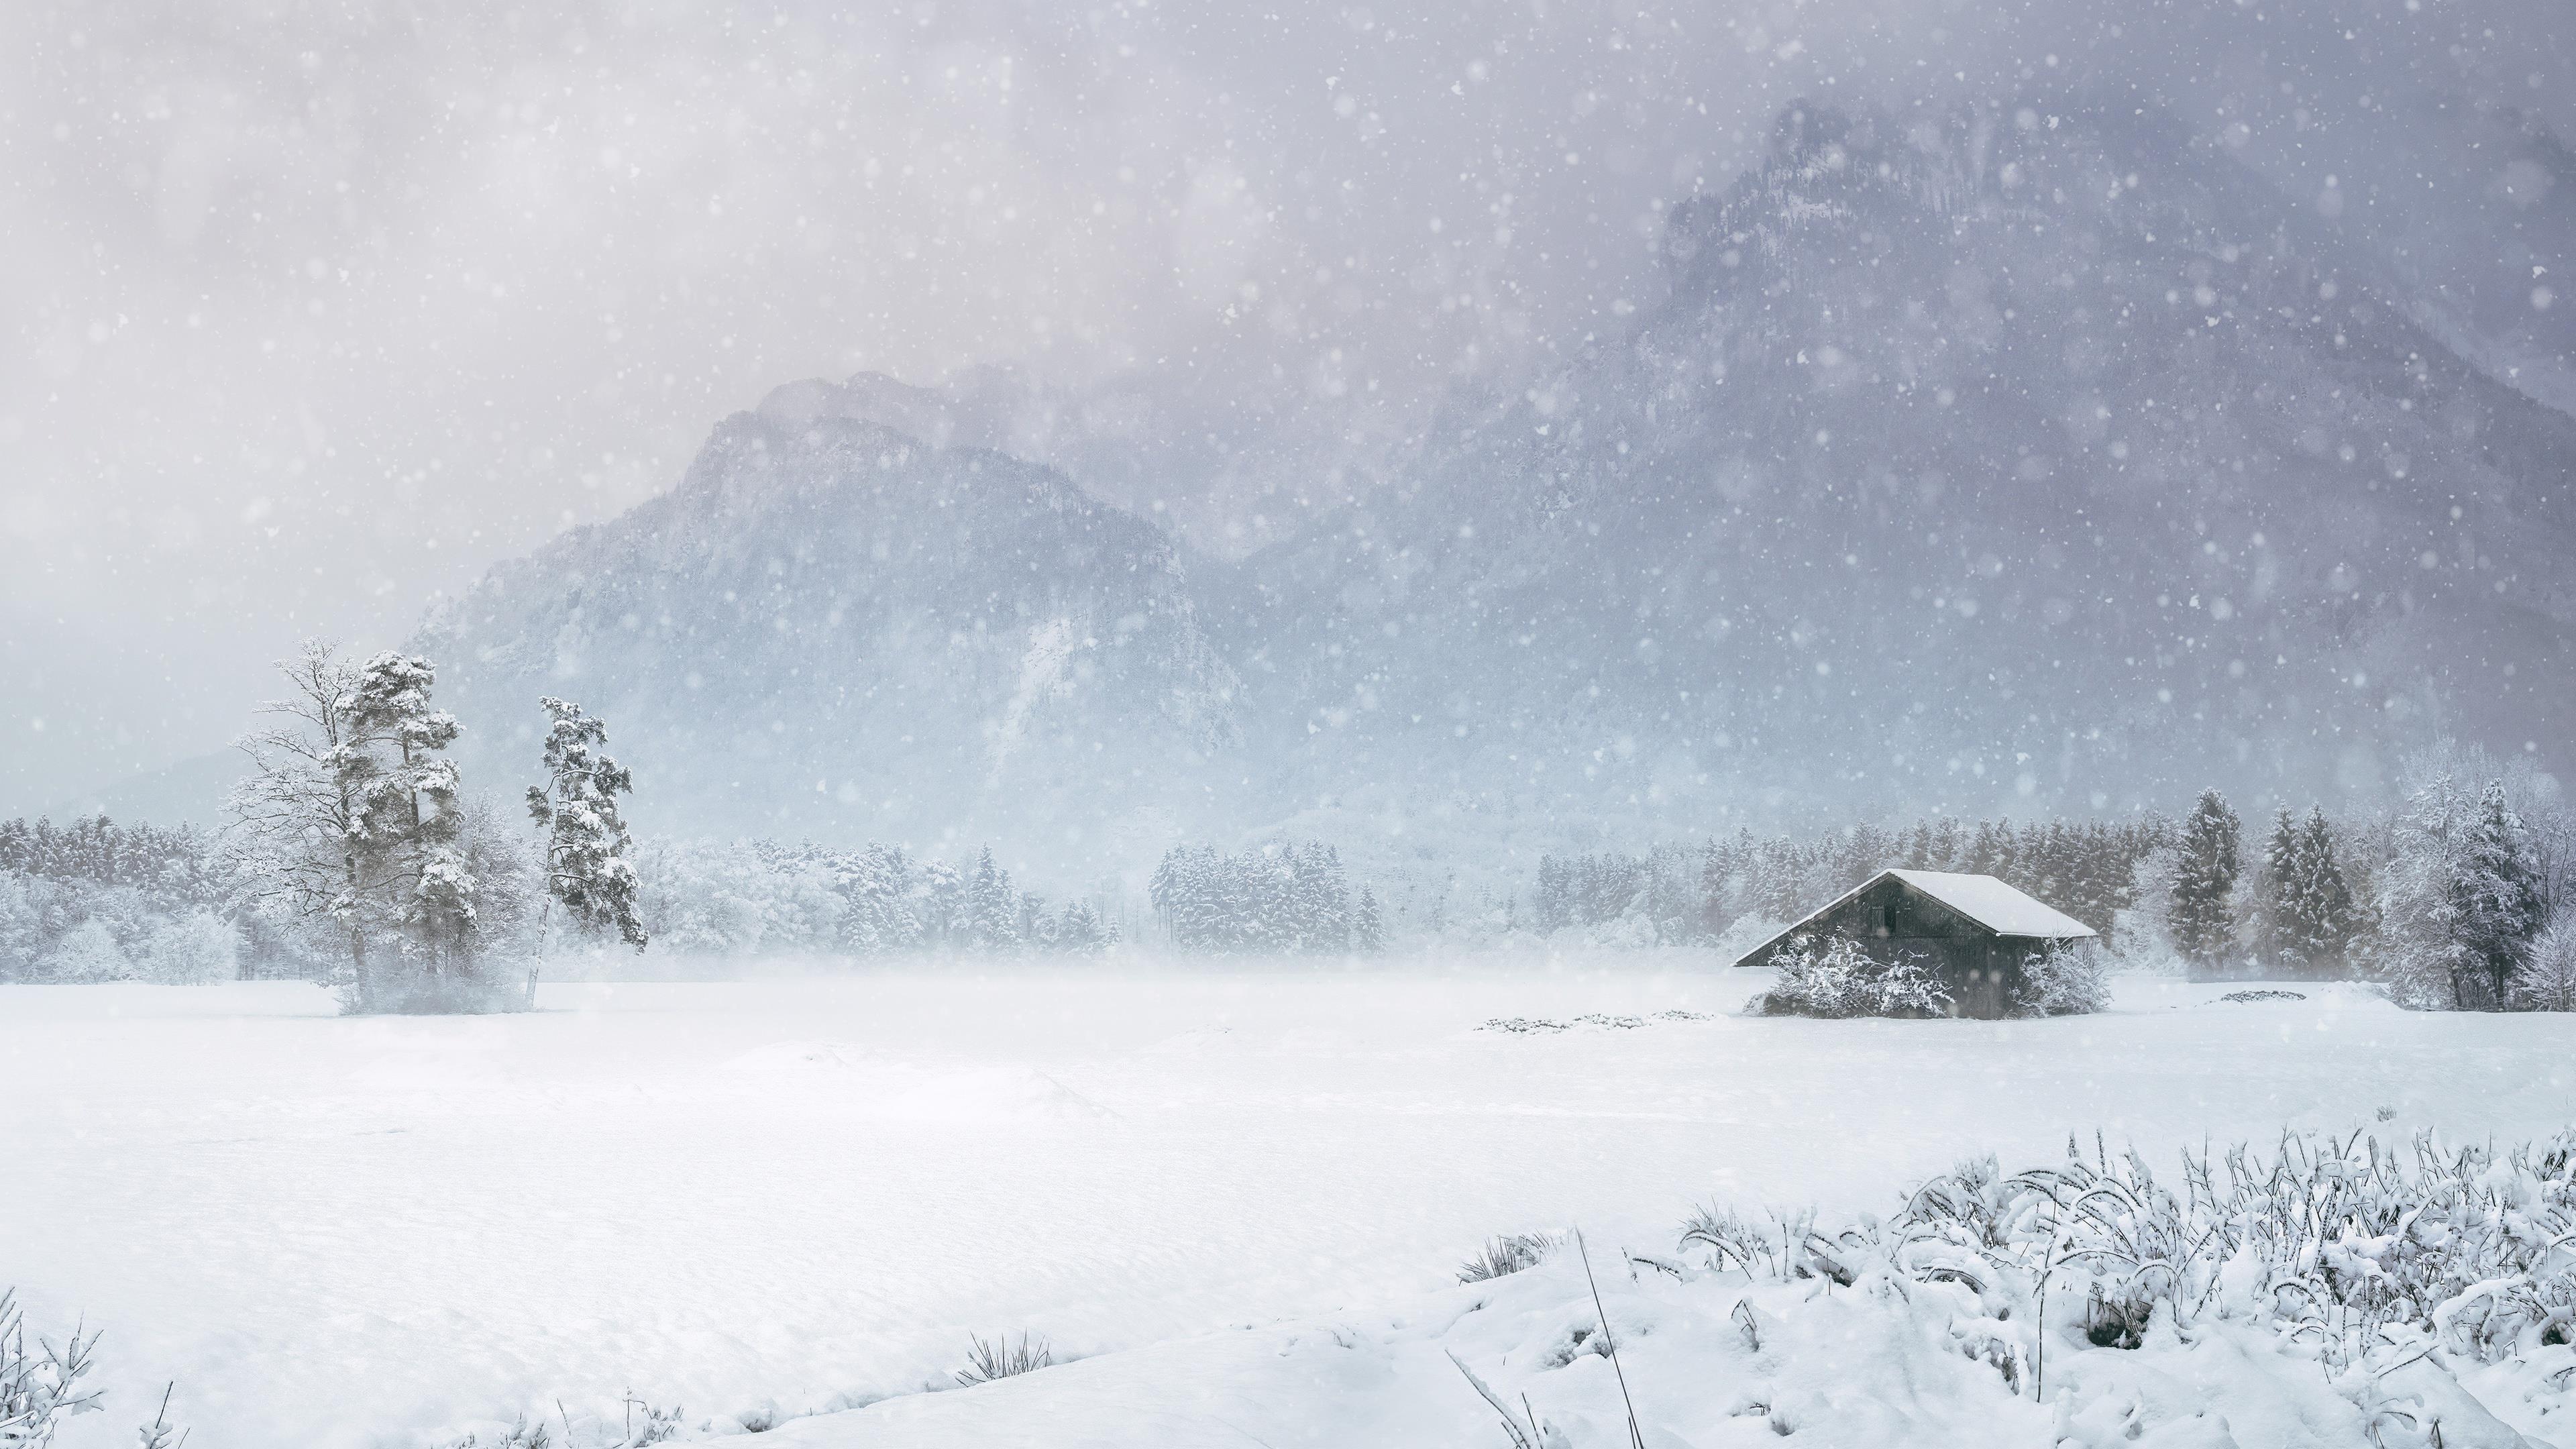 Заснеженная Хижина в соснах с горным фоном со снегопадом зимой обои скачать